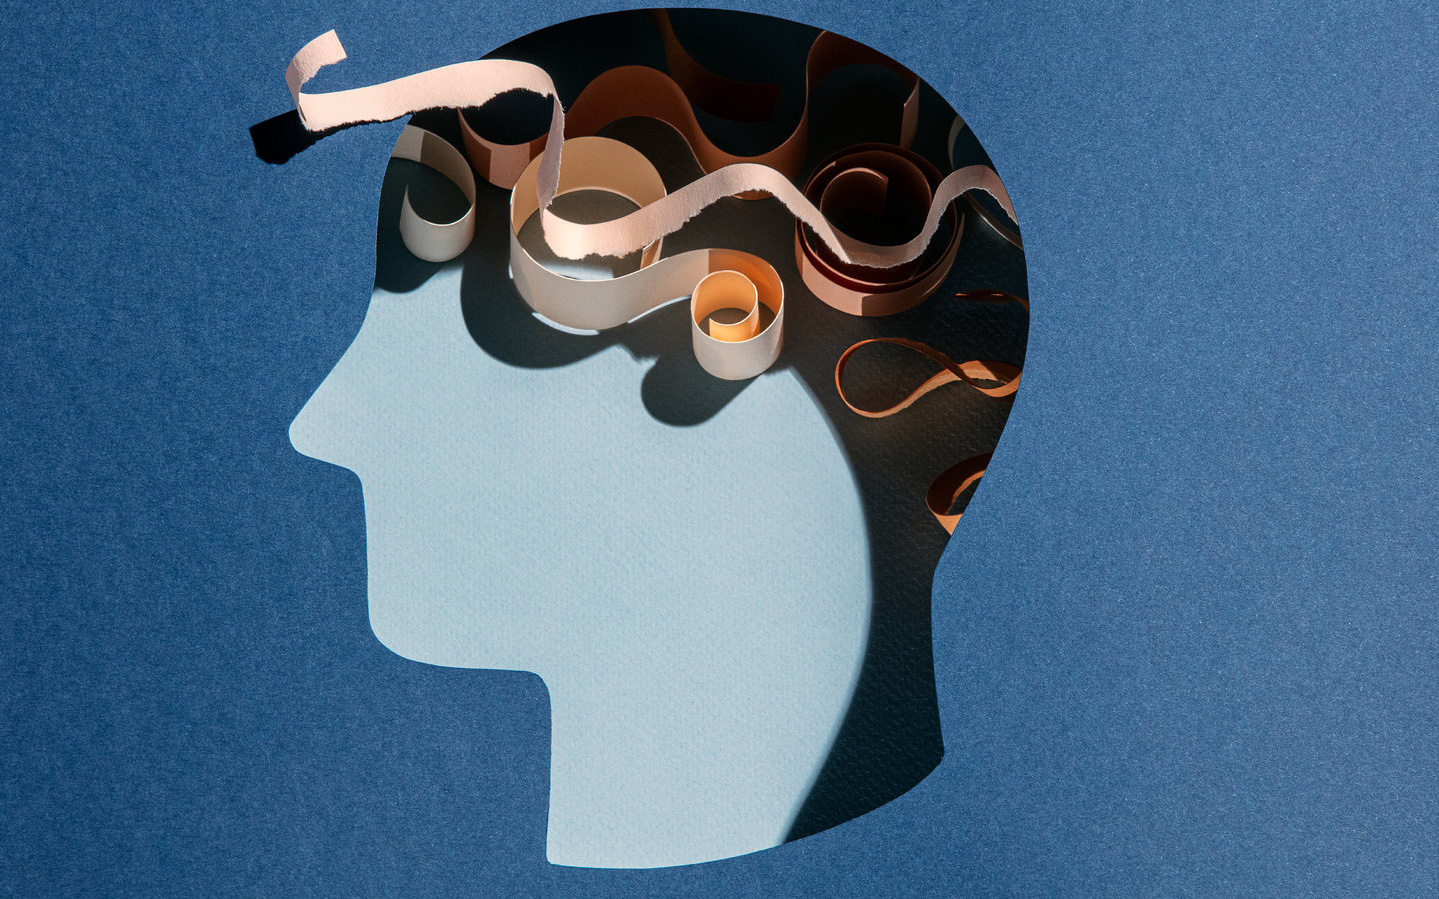 Làm gì để bớt suy nghĩ cảm tính, bình tâm trước mọi chuyện?